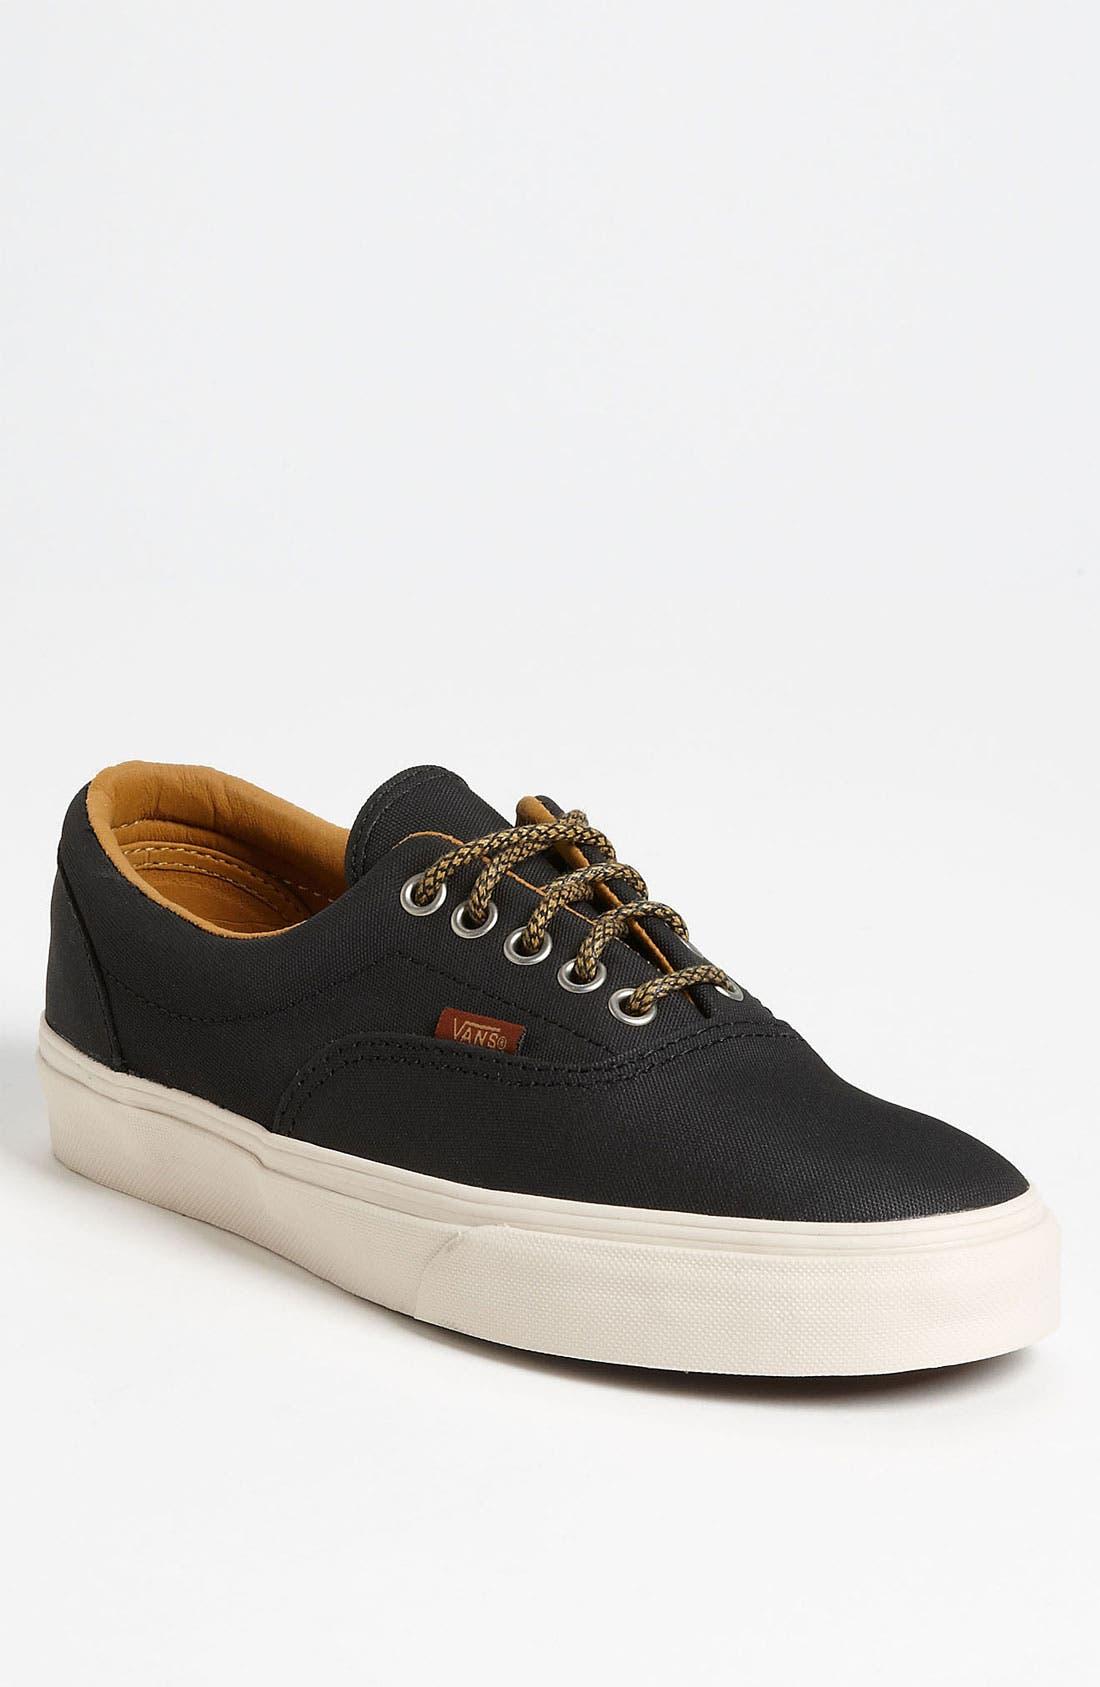 Main Image - Vans 'Cali - Era' Sneaker